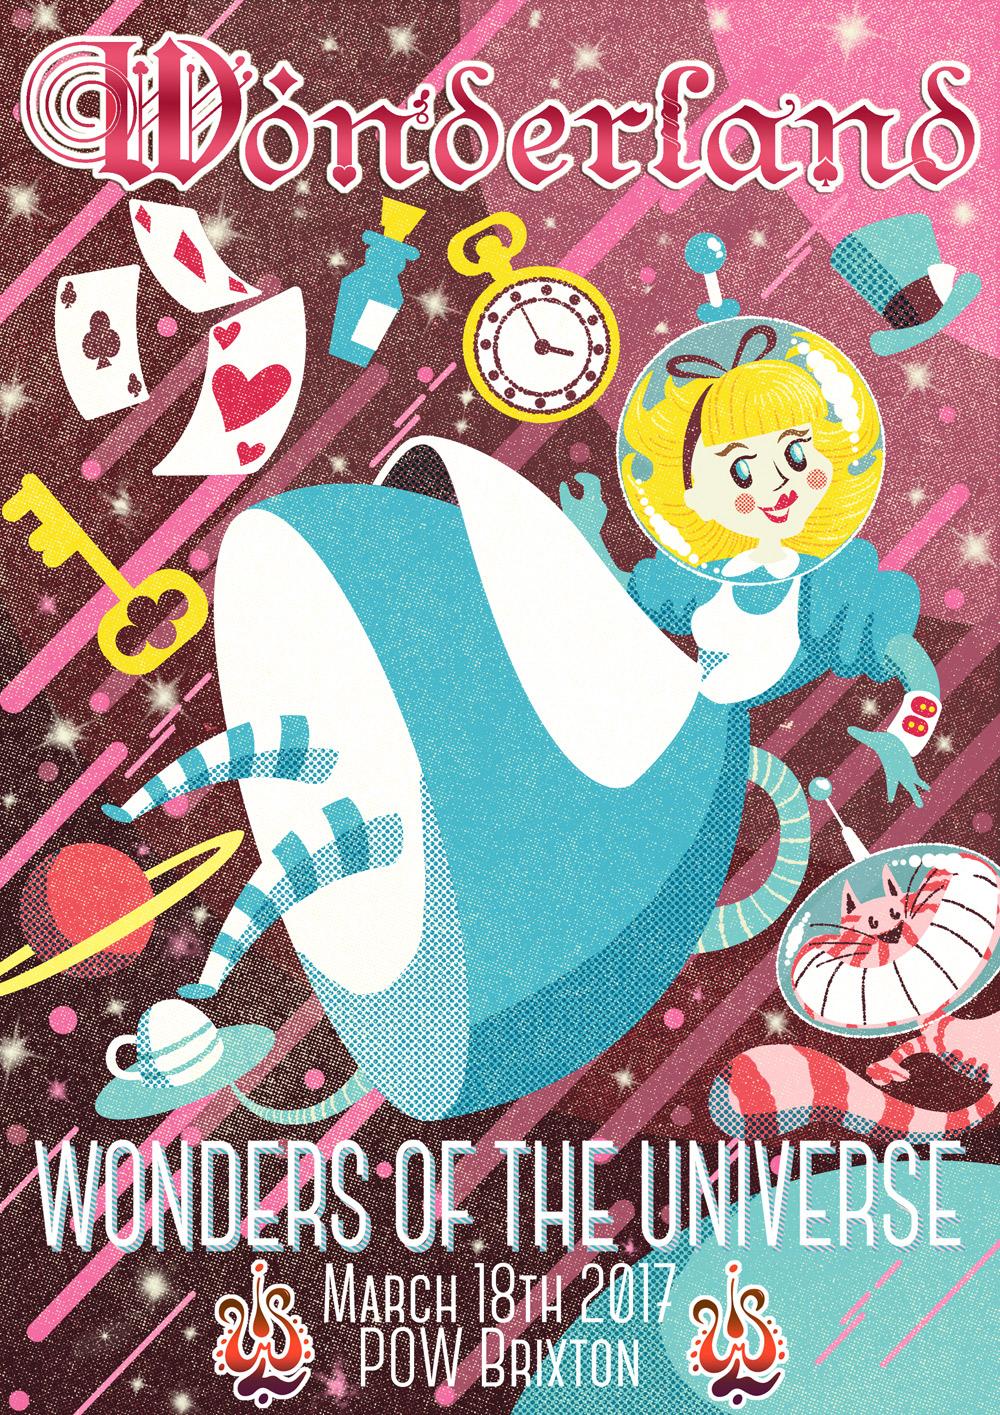 Illustrated promo flyer for Wonderland music festival, UK.